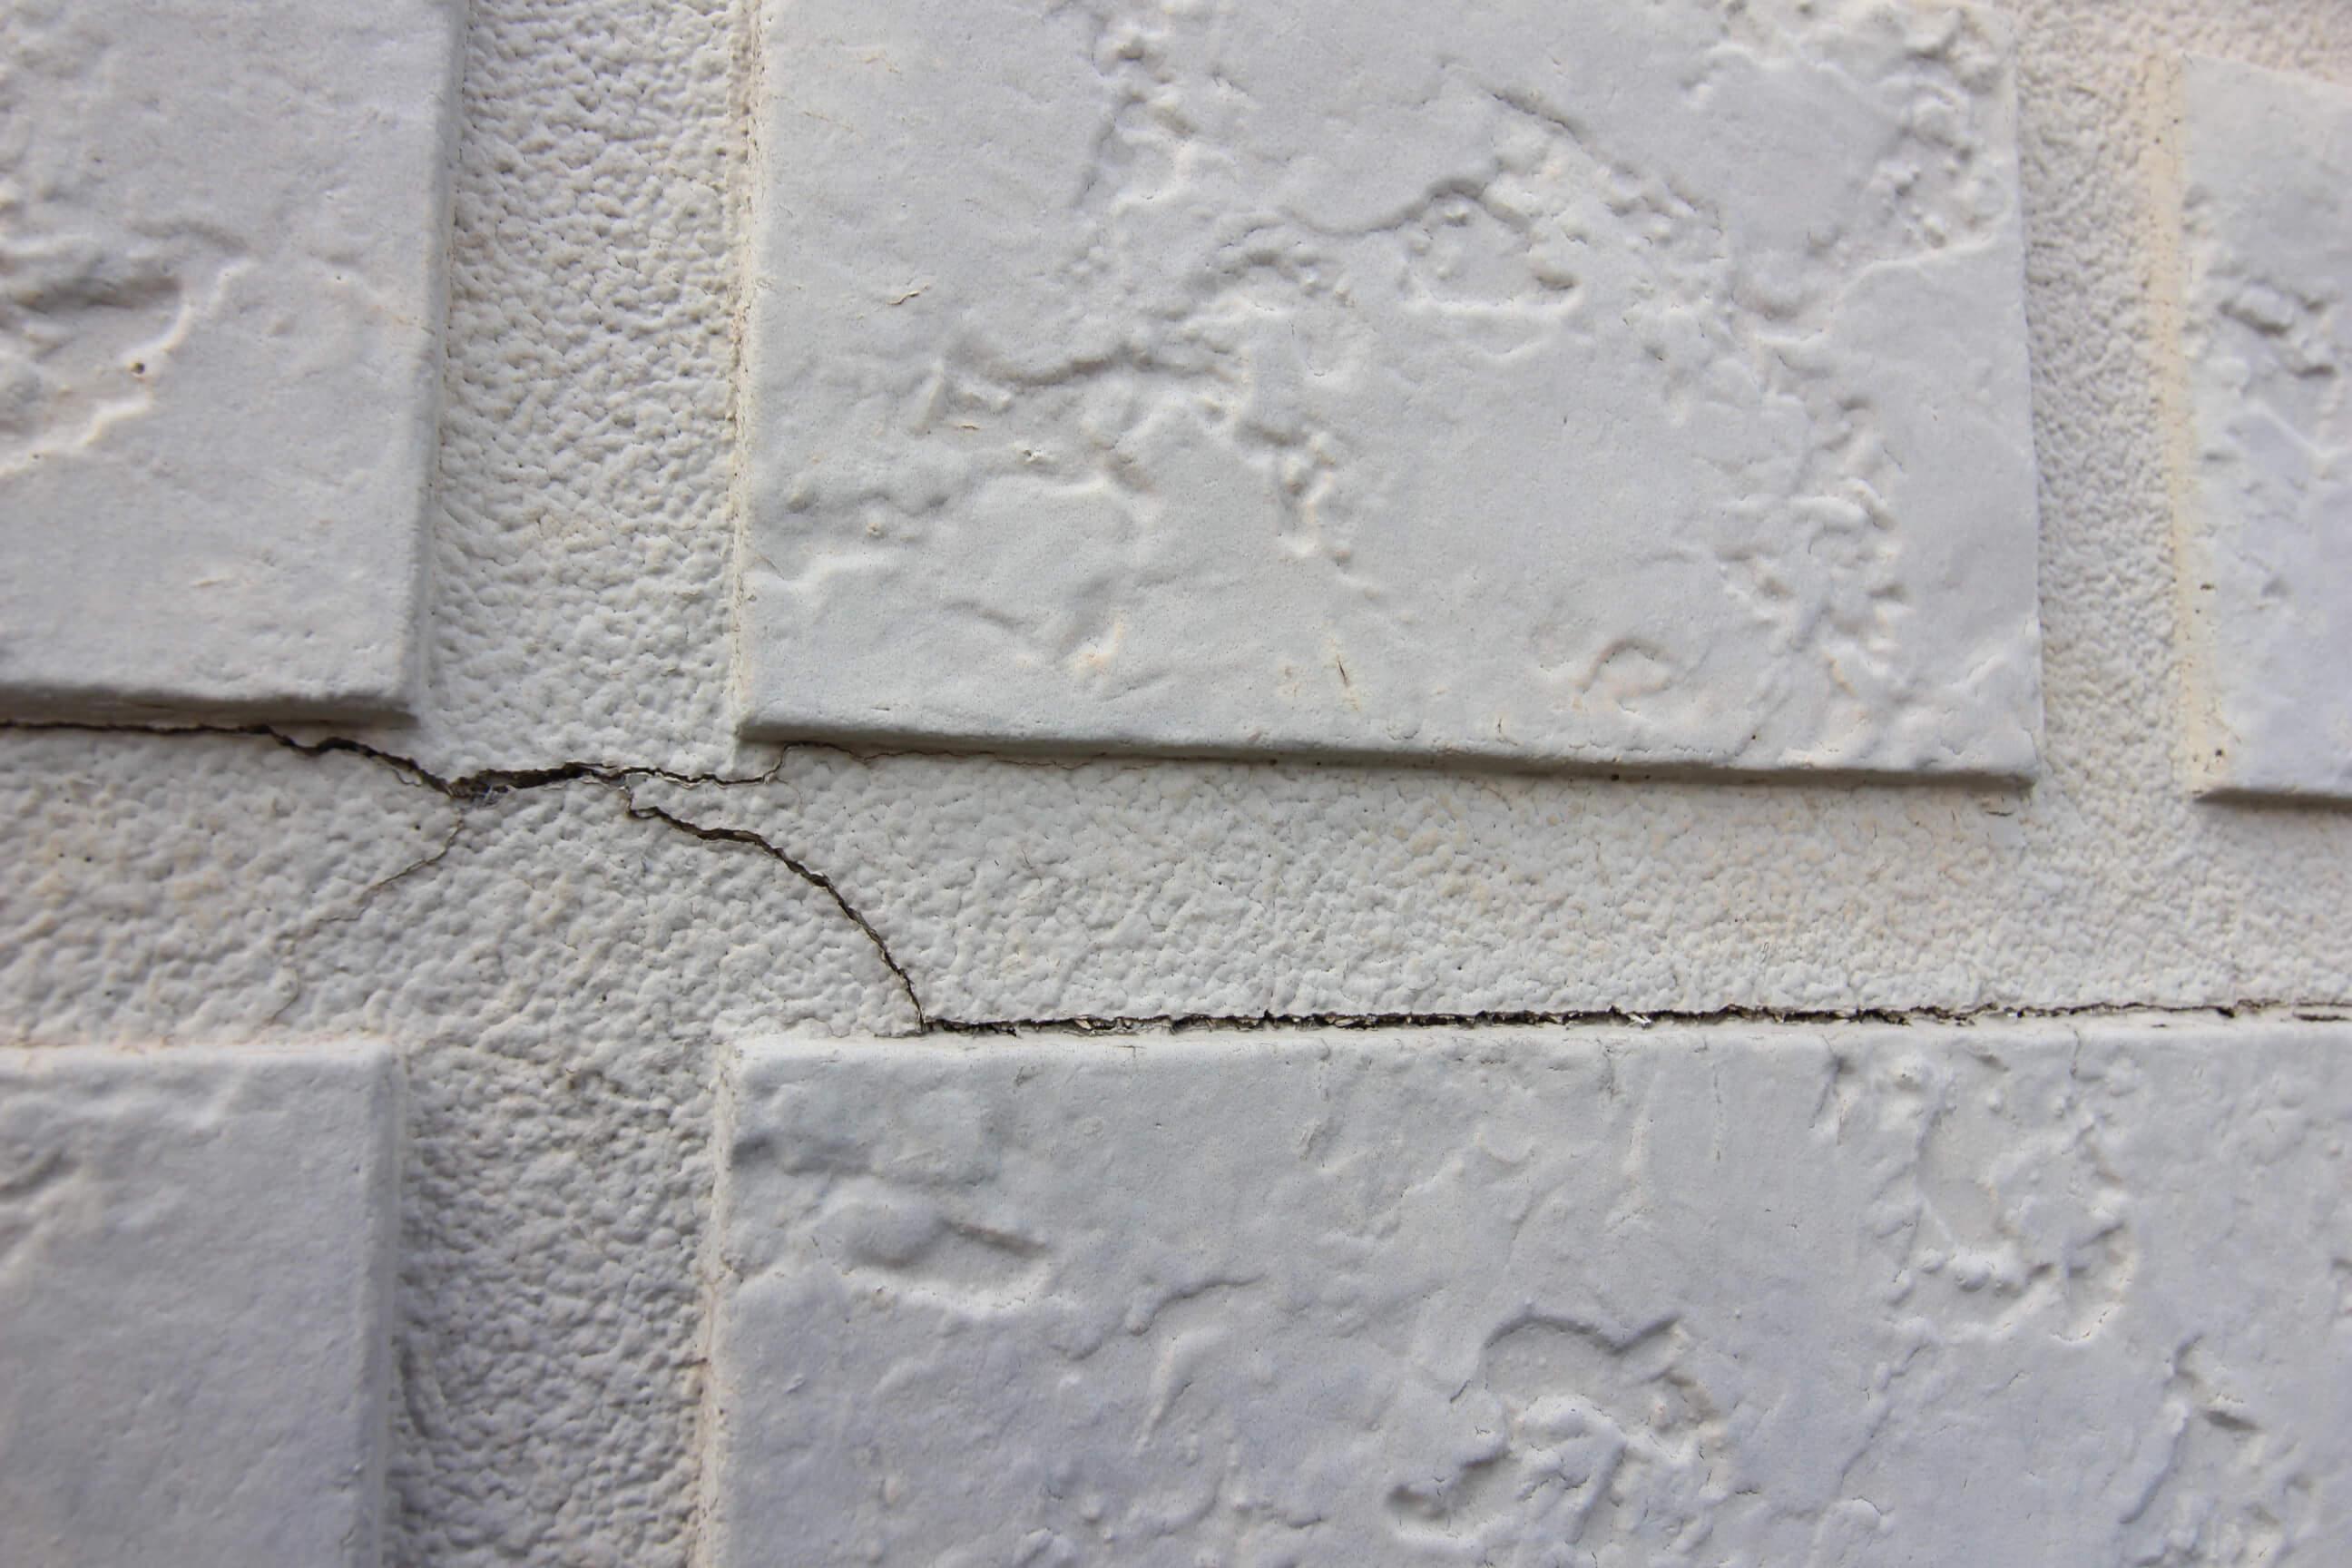 外壁張り替えのひび割れ・破損画像